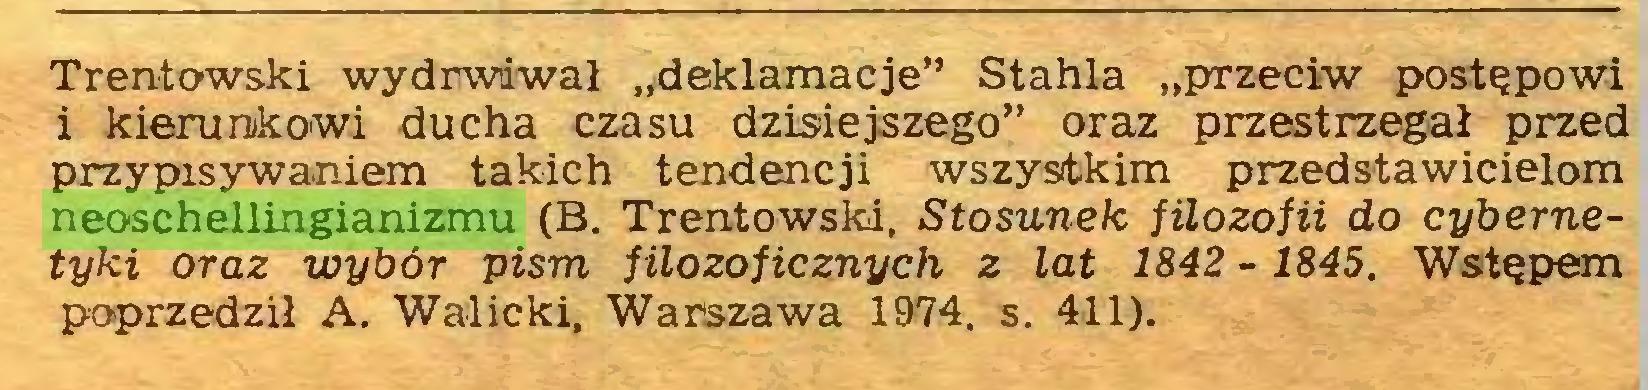 """(...) * iTrentowski wydrwiiwał """"deklamacje"""" Stahla """"przeciw postępowi i kierunkowi ducha czasu dzisiejszego"""" oraz przestrzegał przed przypisywaniem takich tendencji wszystkim przedstawicielom neoschellingianizmu (B. Trentowski, Stosunek filozofii do cybernetyki oraz wybór pism filozoficznych z lat 1842 - 1845. Wstępem poprzedził A. Walicki. Warszawa 1974. s. 411)..."""